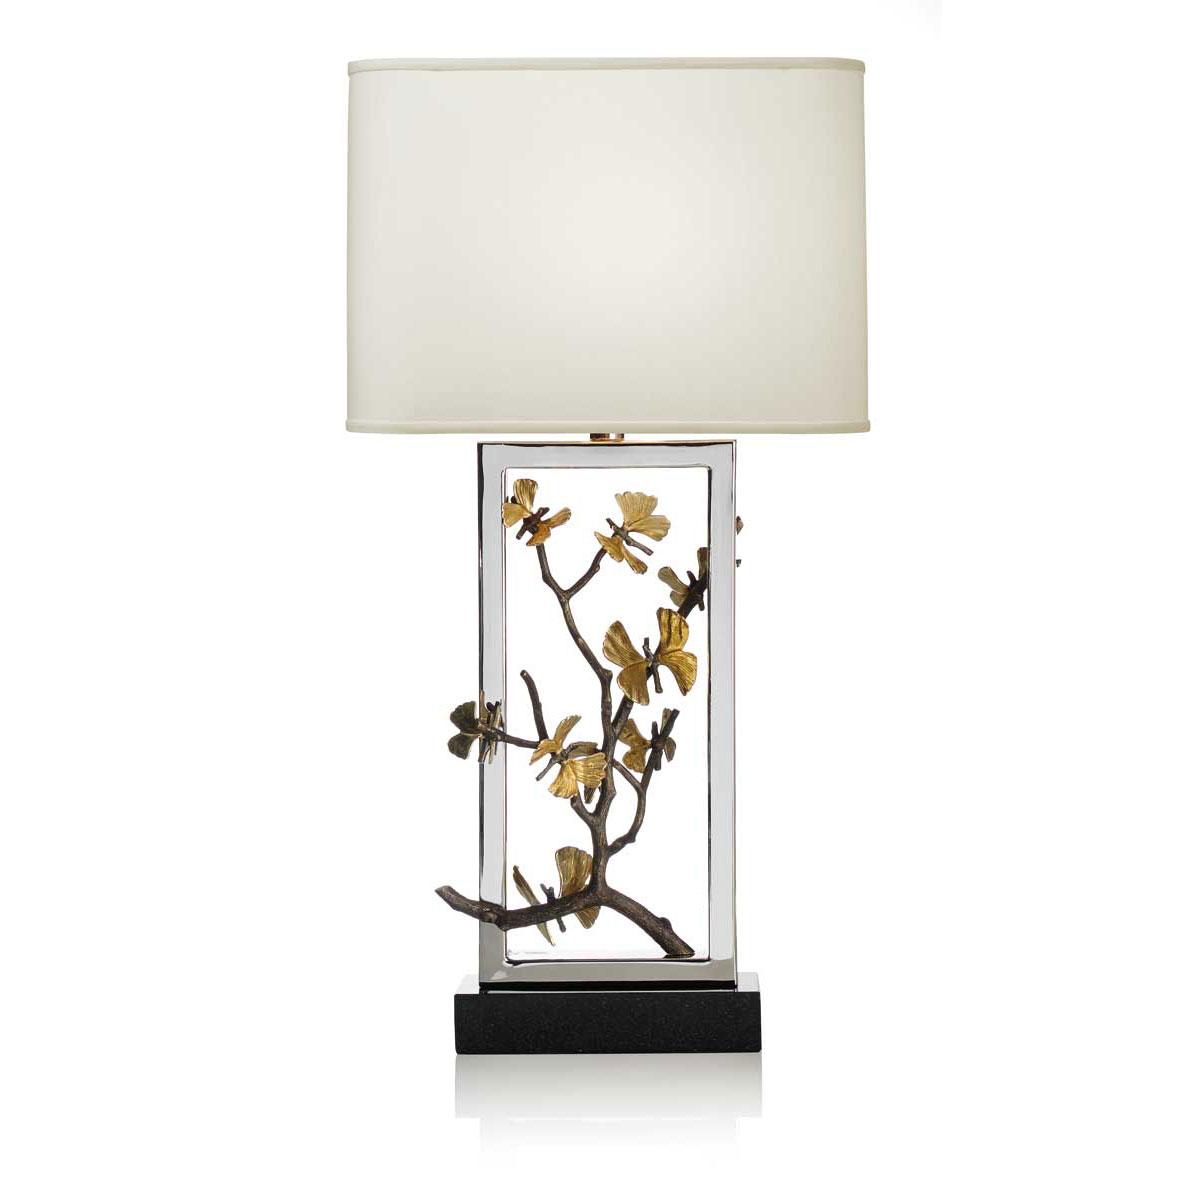 Michael Aram Butterfly Ginkgo Table Lamp